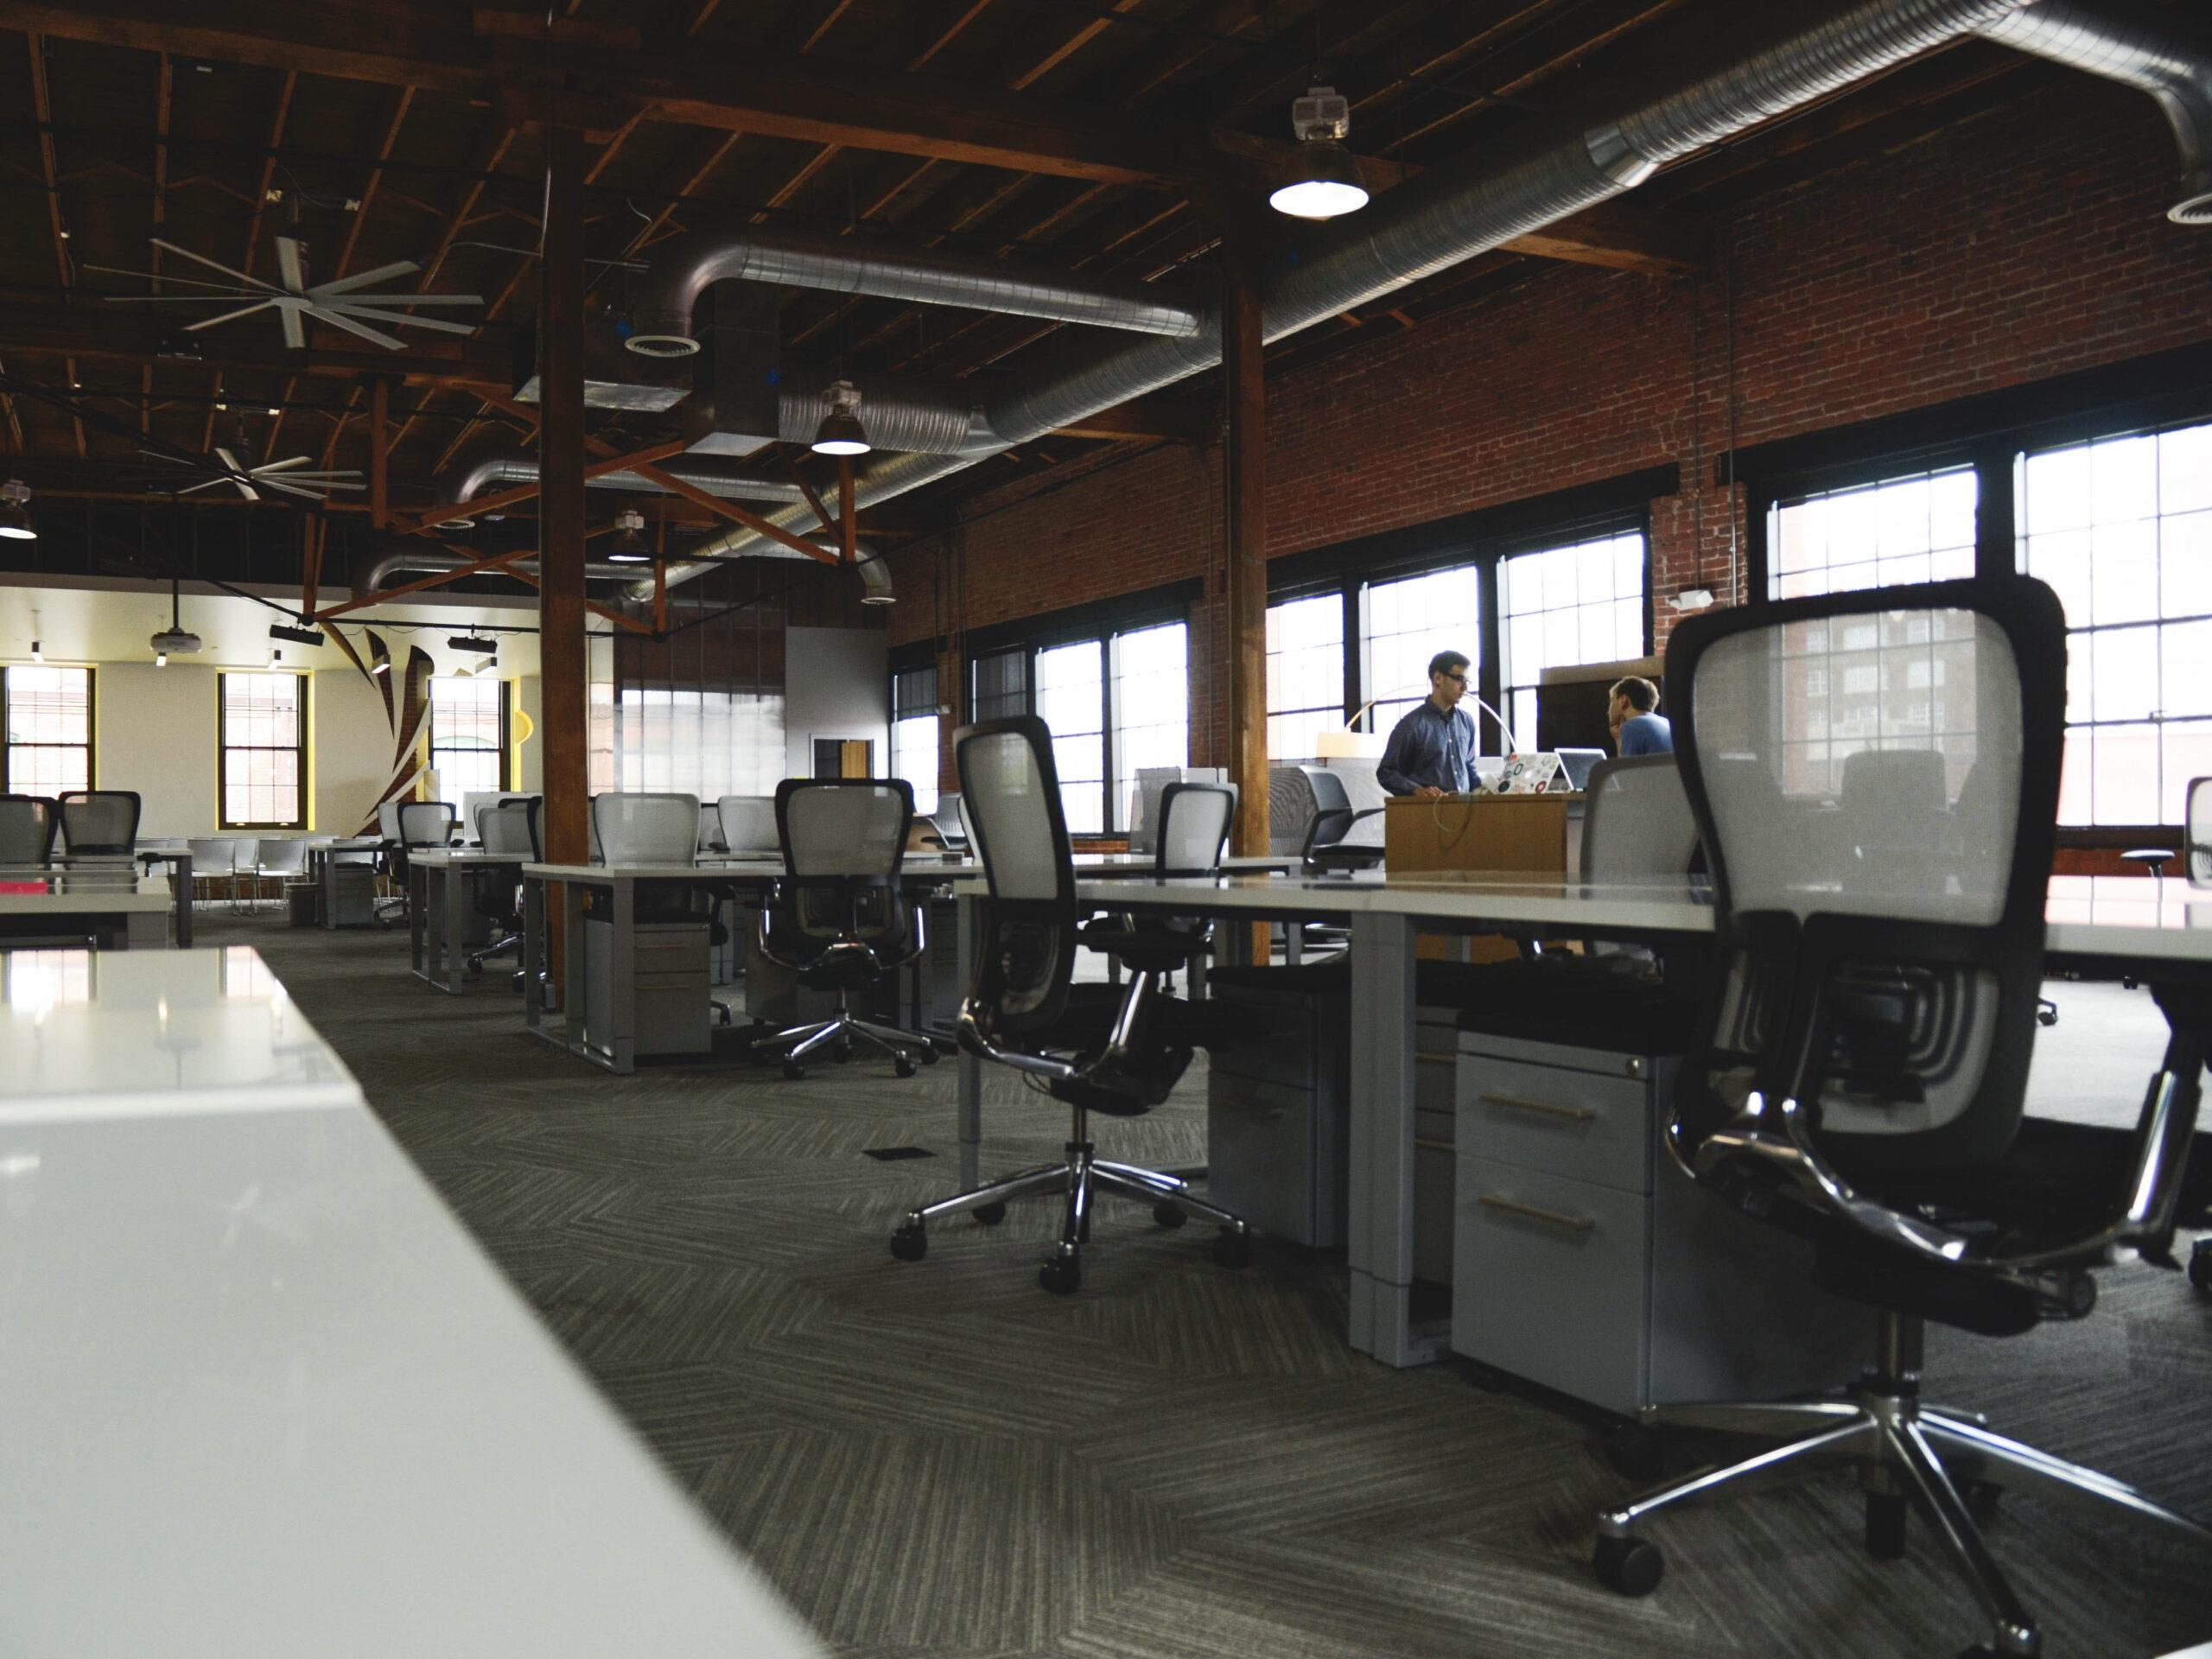 Büro_Einrichtung_Arbeitsplatz_braun_industrial_Holz